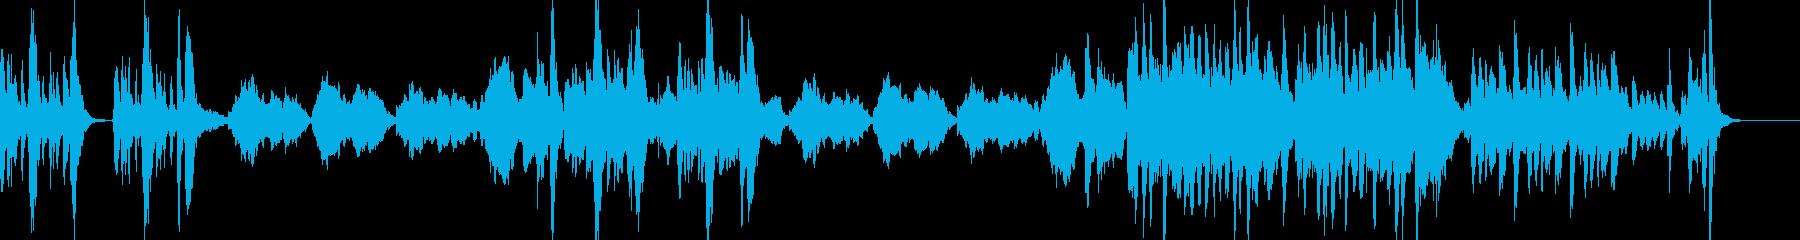 小動物が出てきそうな軽快なオーケストラ曲の再生済みの波形